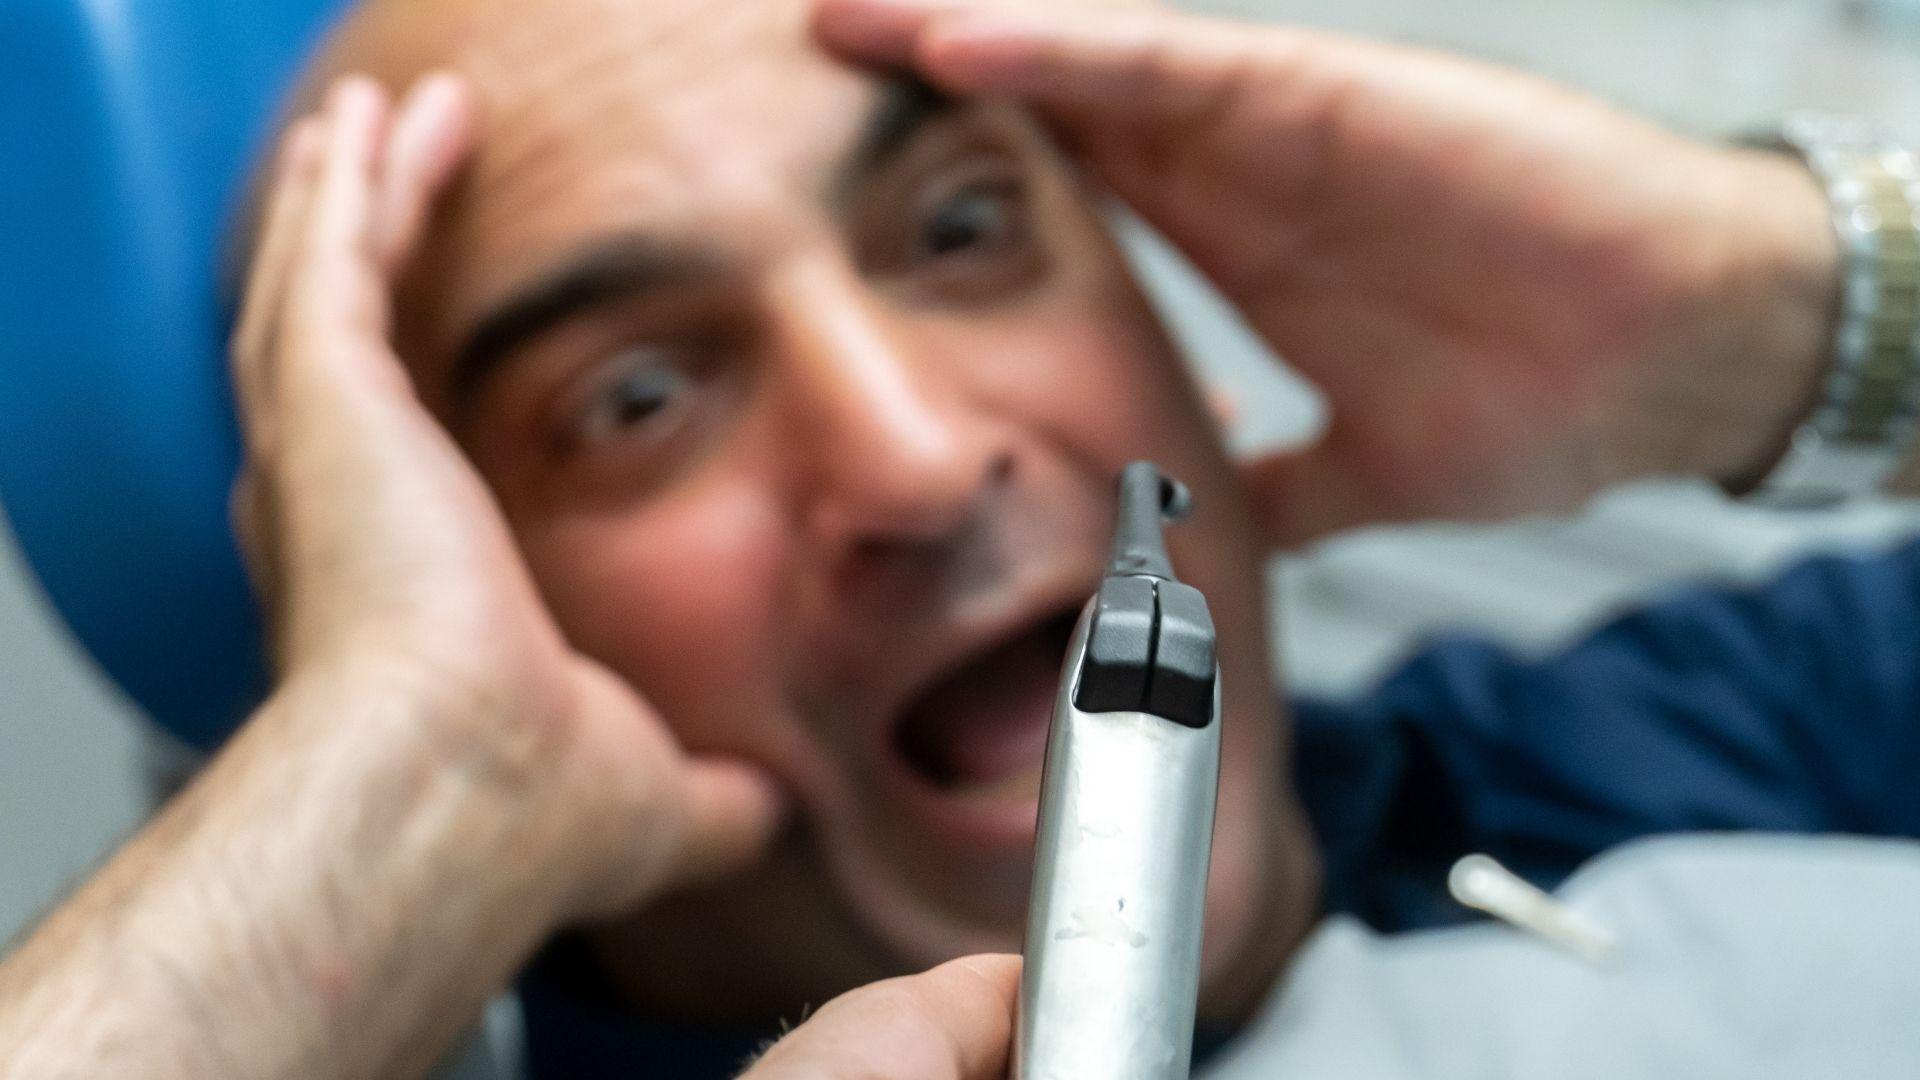 Comment diminuer l'anxiété dentaire des patients?